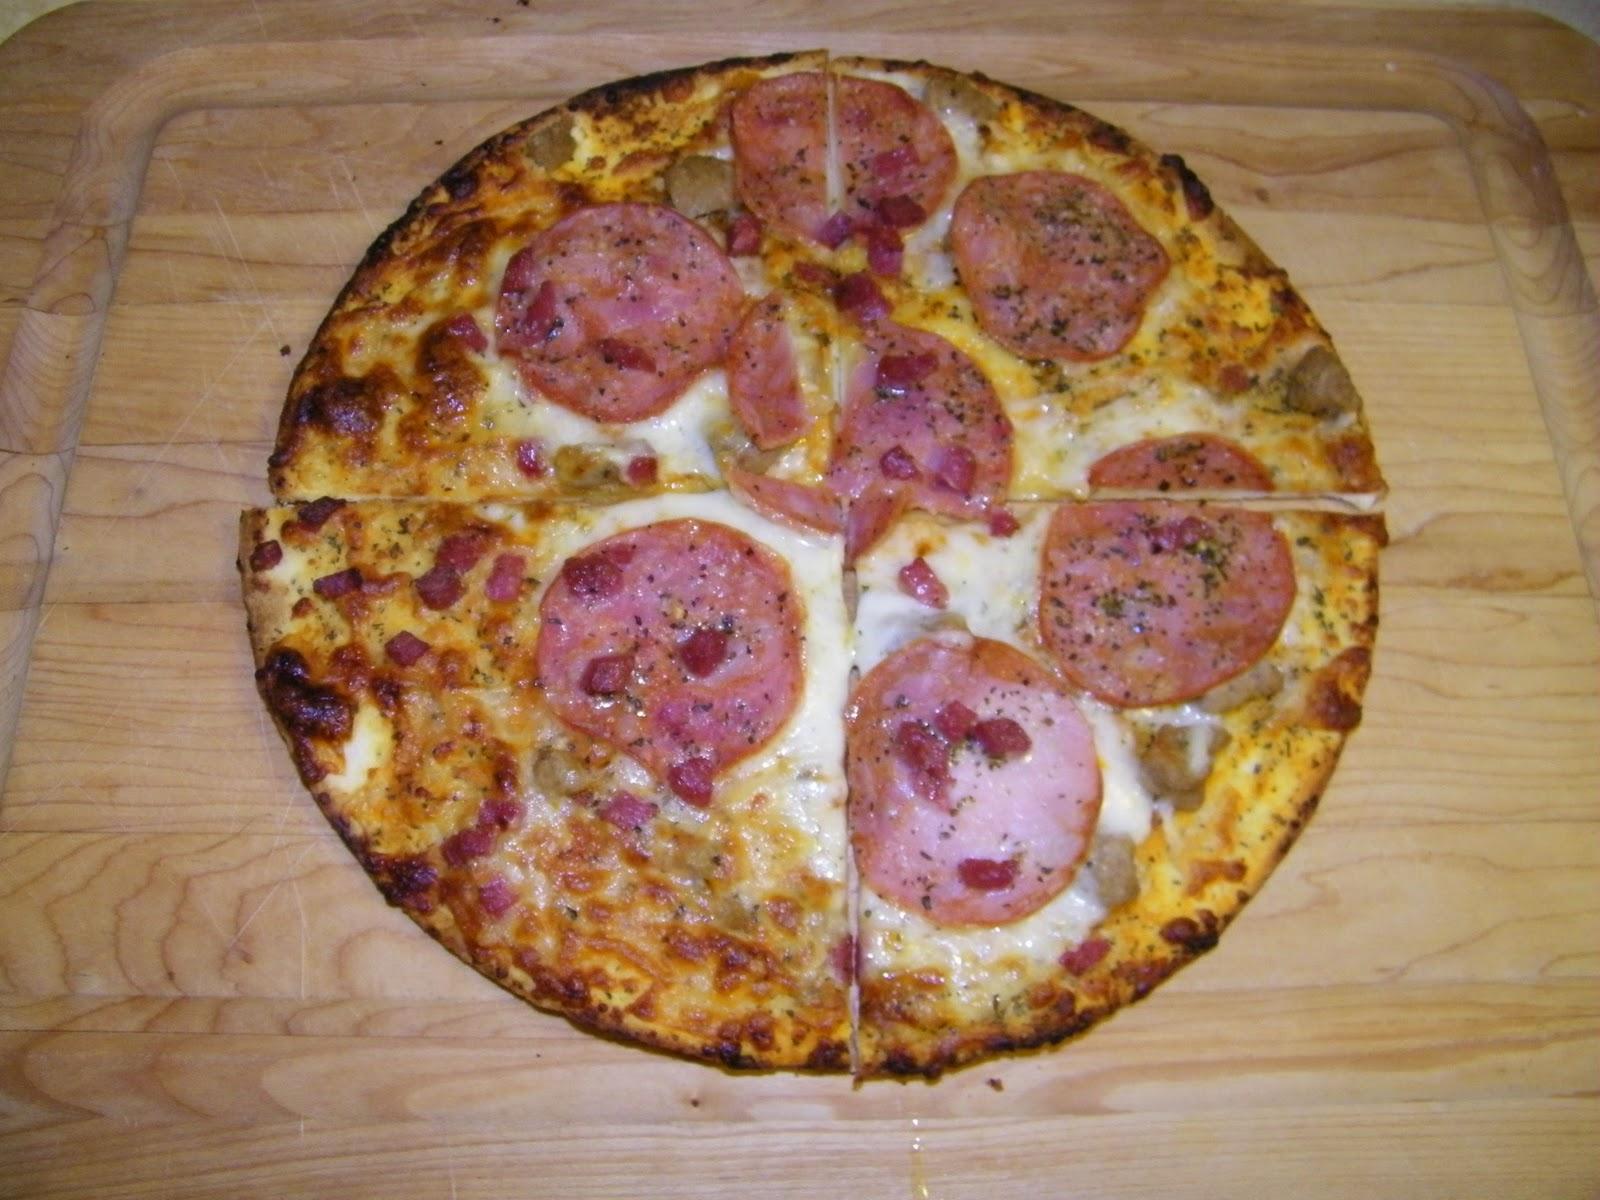 Costco Cuisine California Pizza Kitchen Sicilian Pizza